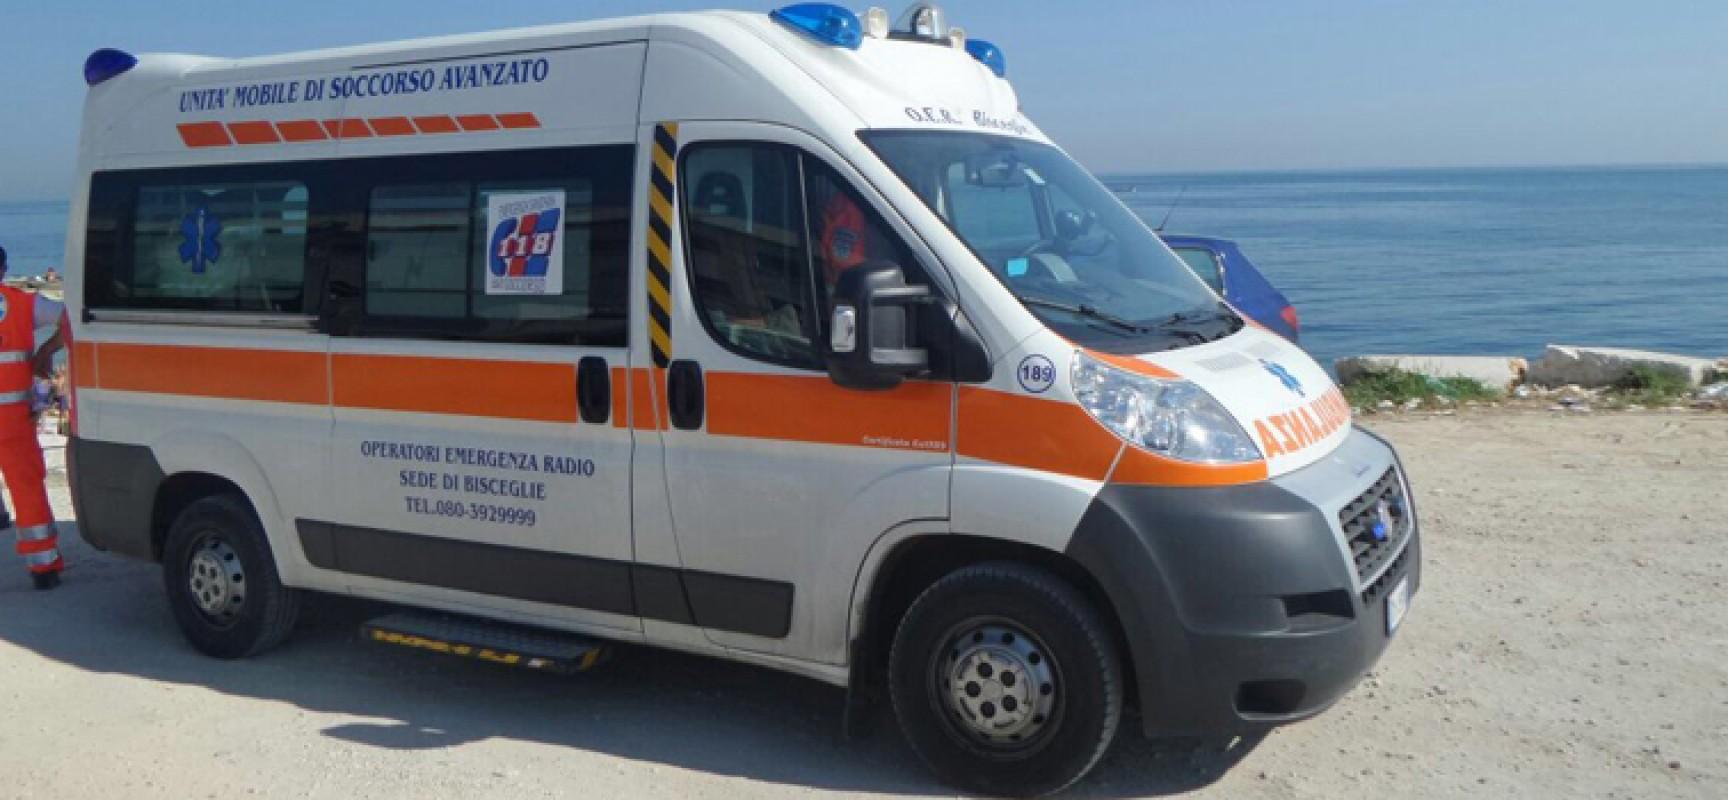 Chiede di vedere il mare di Bisceglie per l'ultima volta, ambulanza si ferma per esaudire desiderio